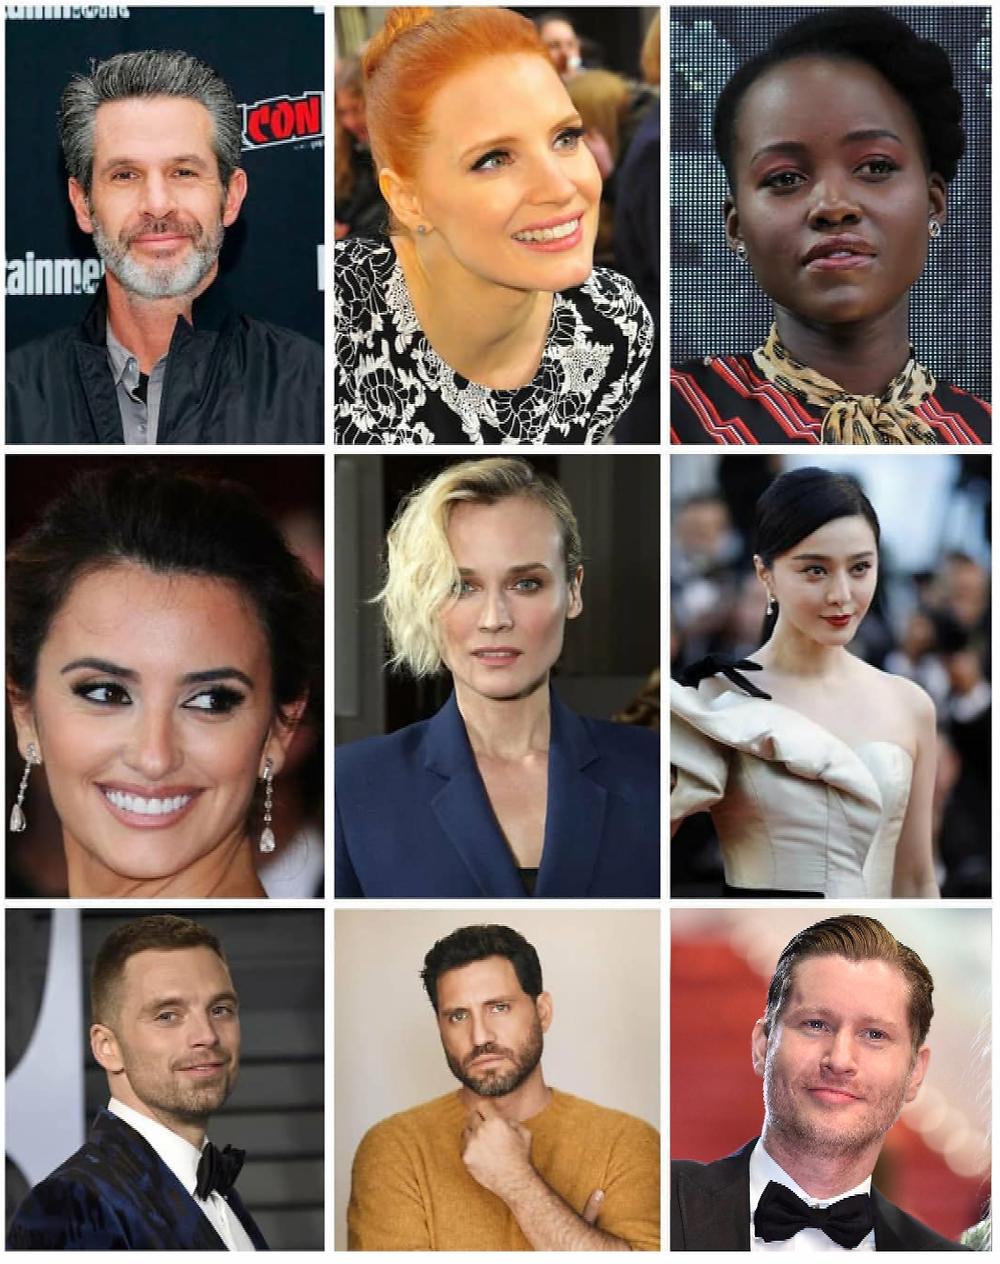 Simon Kinberg, Jessica Chastain, Lupita Nyong'o, Penelope Cruz, Diane Kruger, Bingbing Fan, Sebastian Stan, Edgar Ramirez and Emilio Insolera.